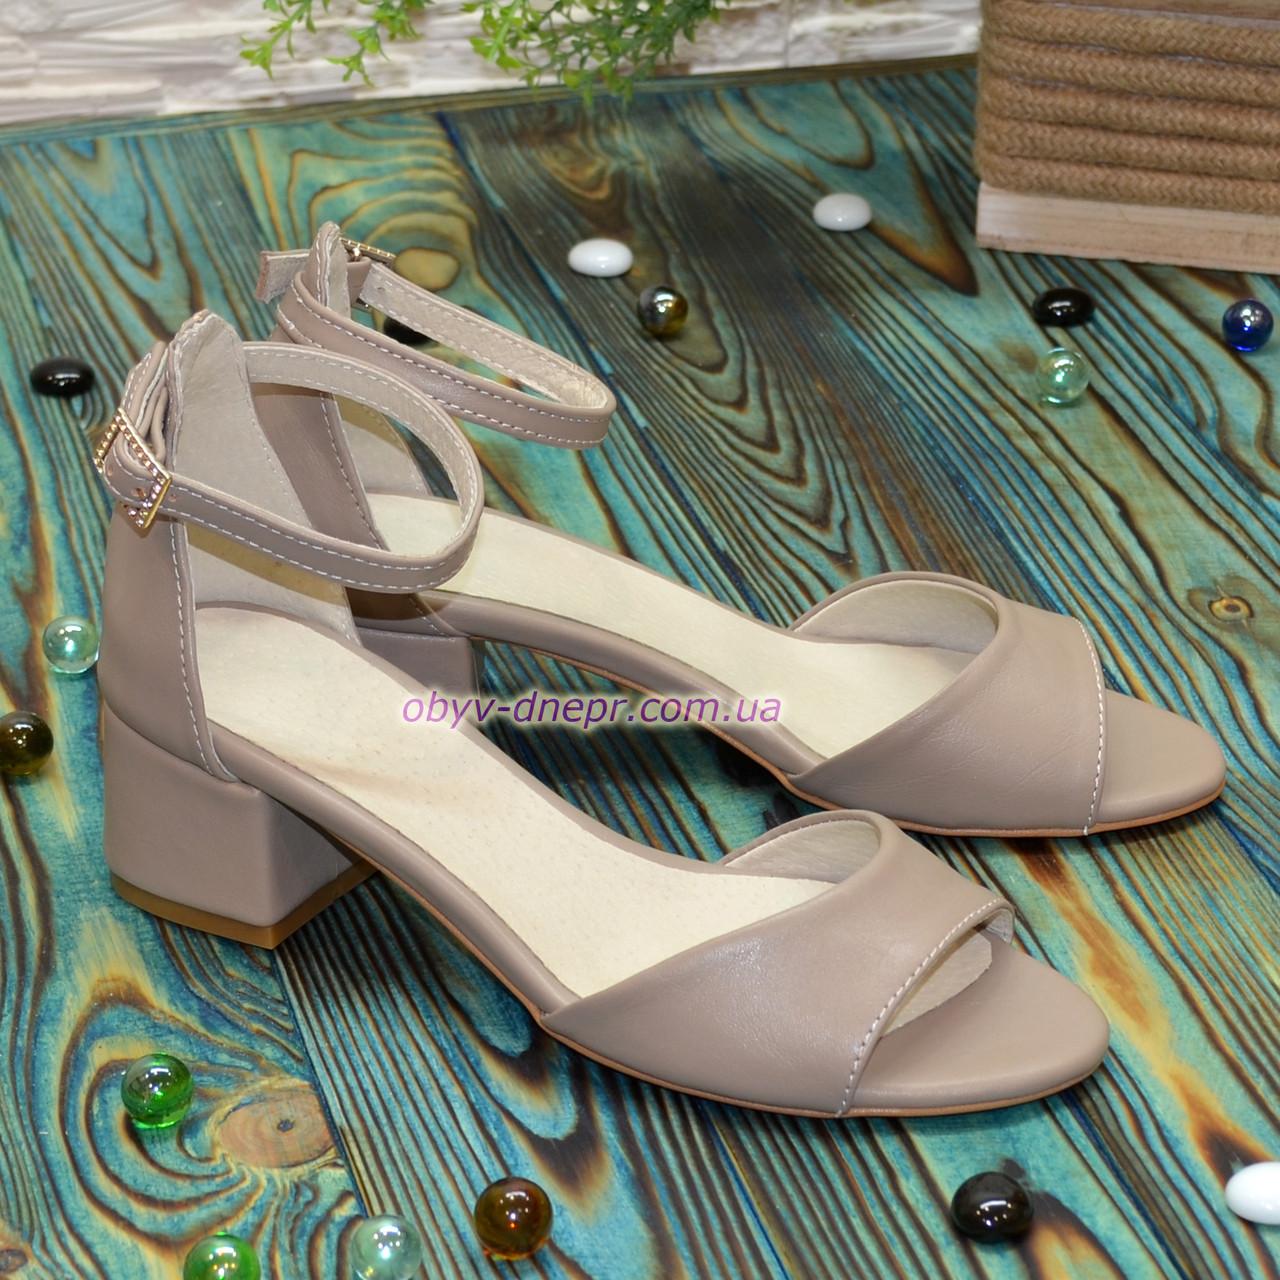 Босоножки женские кожаные на невысоком каблуке, цвет визон